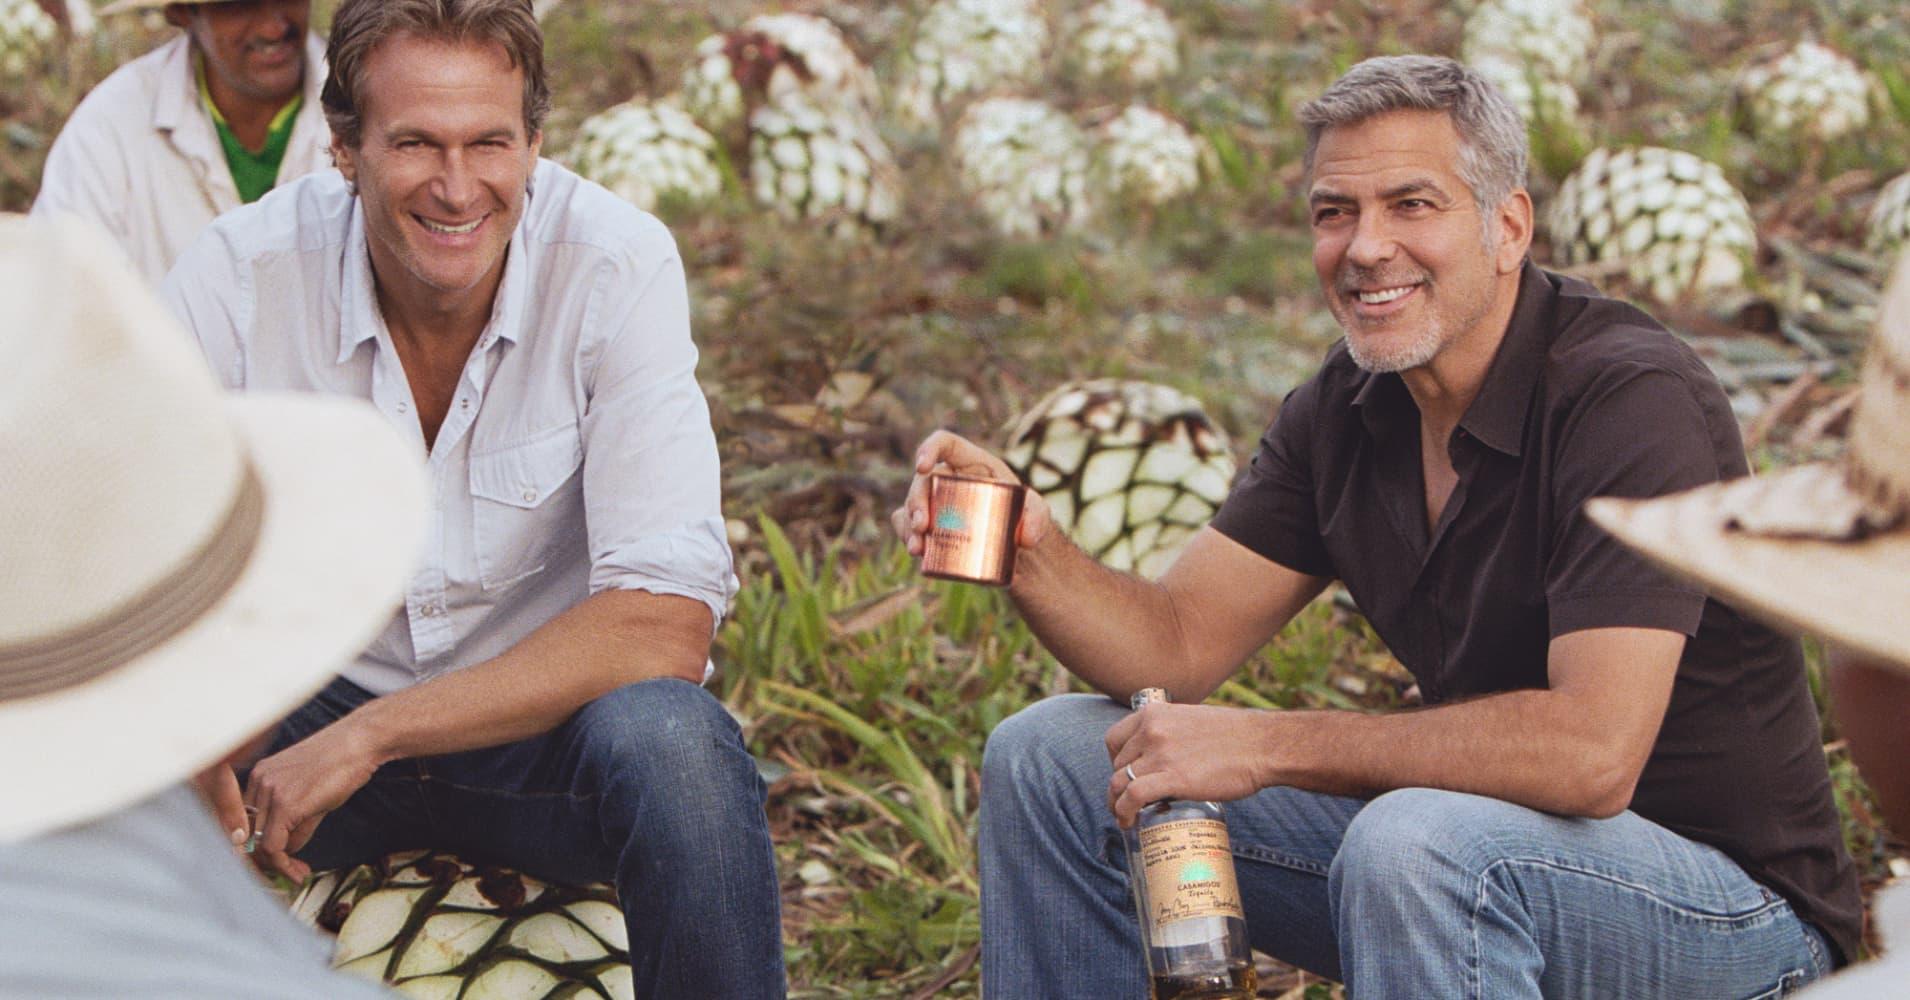 Rande Gerber and George Clooney.